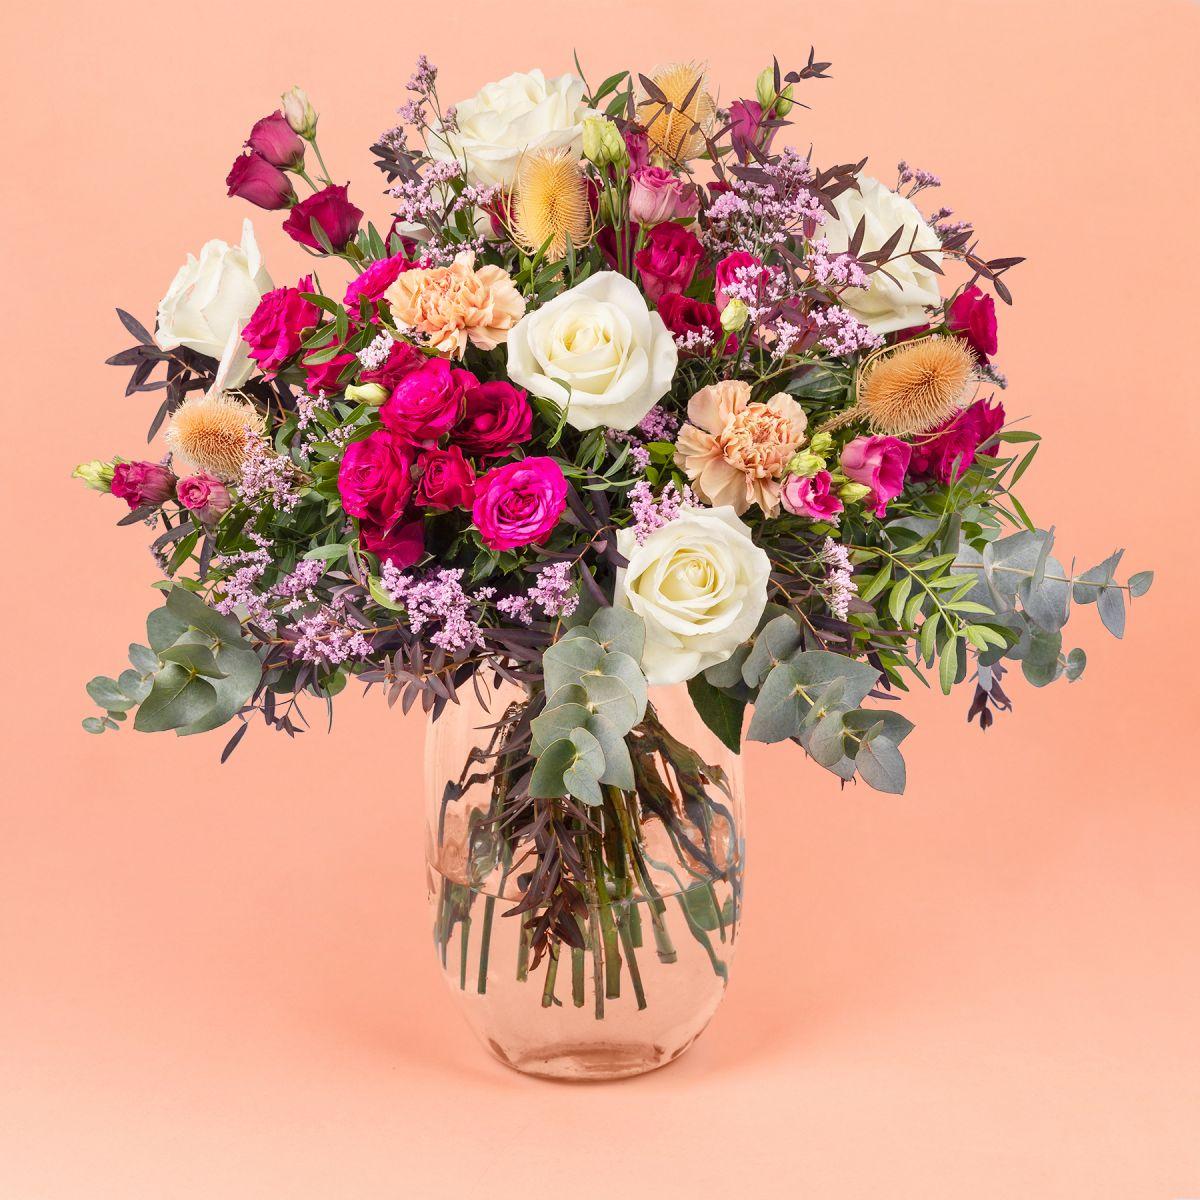 Mazzo di Fiori di  Rose Rosa e Lisianthus  - Sunset - Fiori a domicilio - Colvin